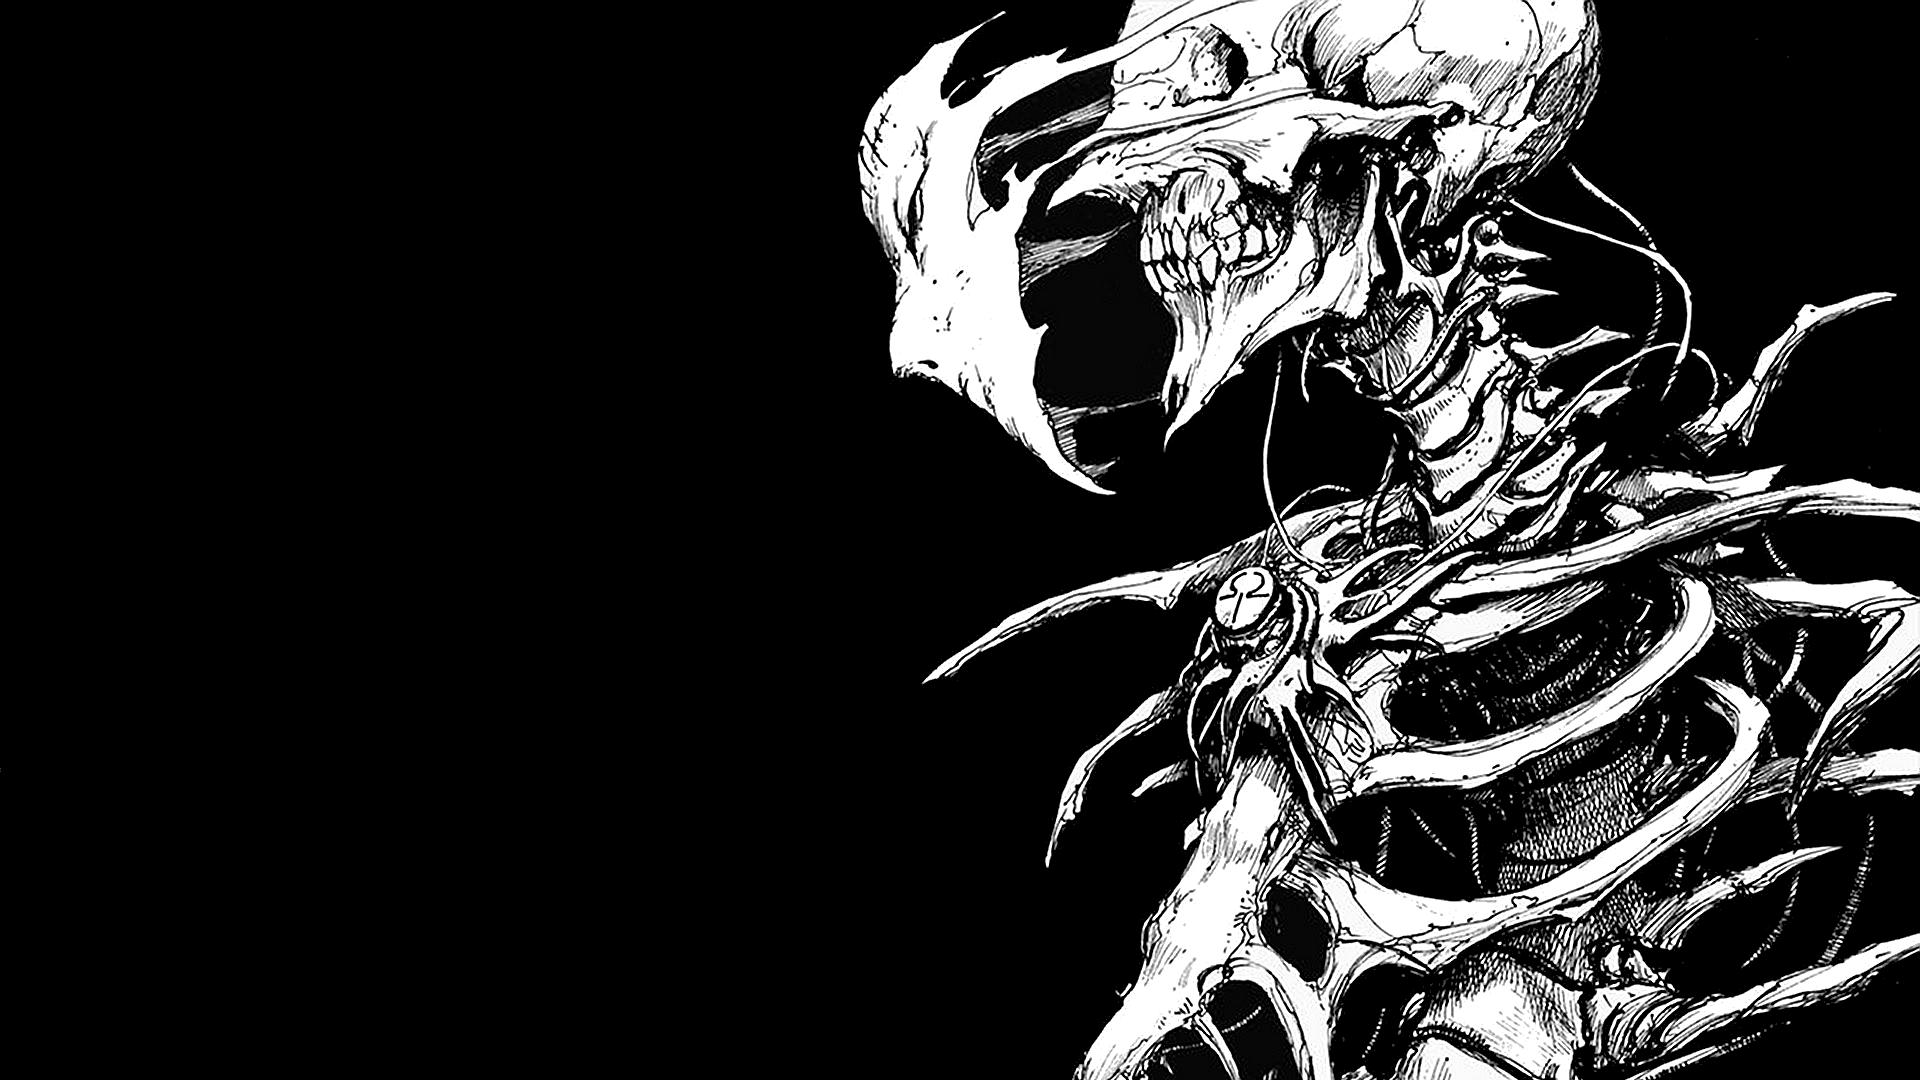 cool skeleton wallpaper download cool skeleton wallpaper